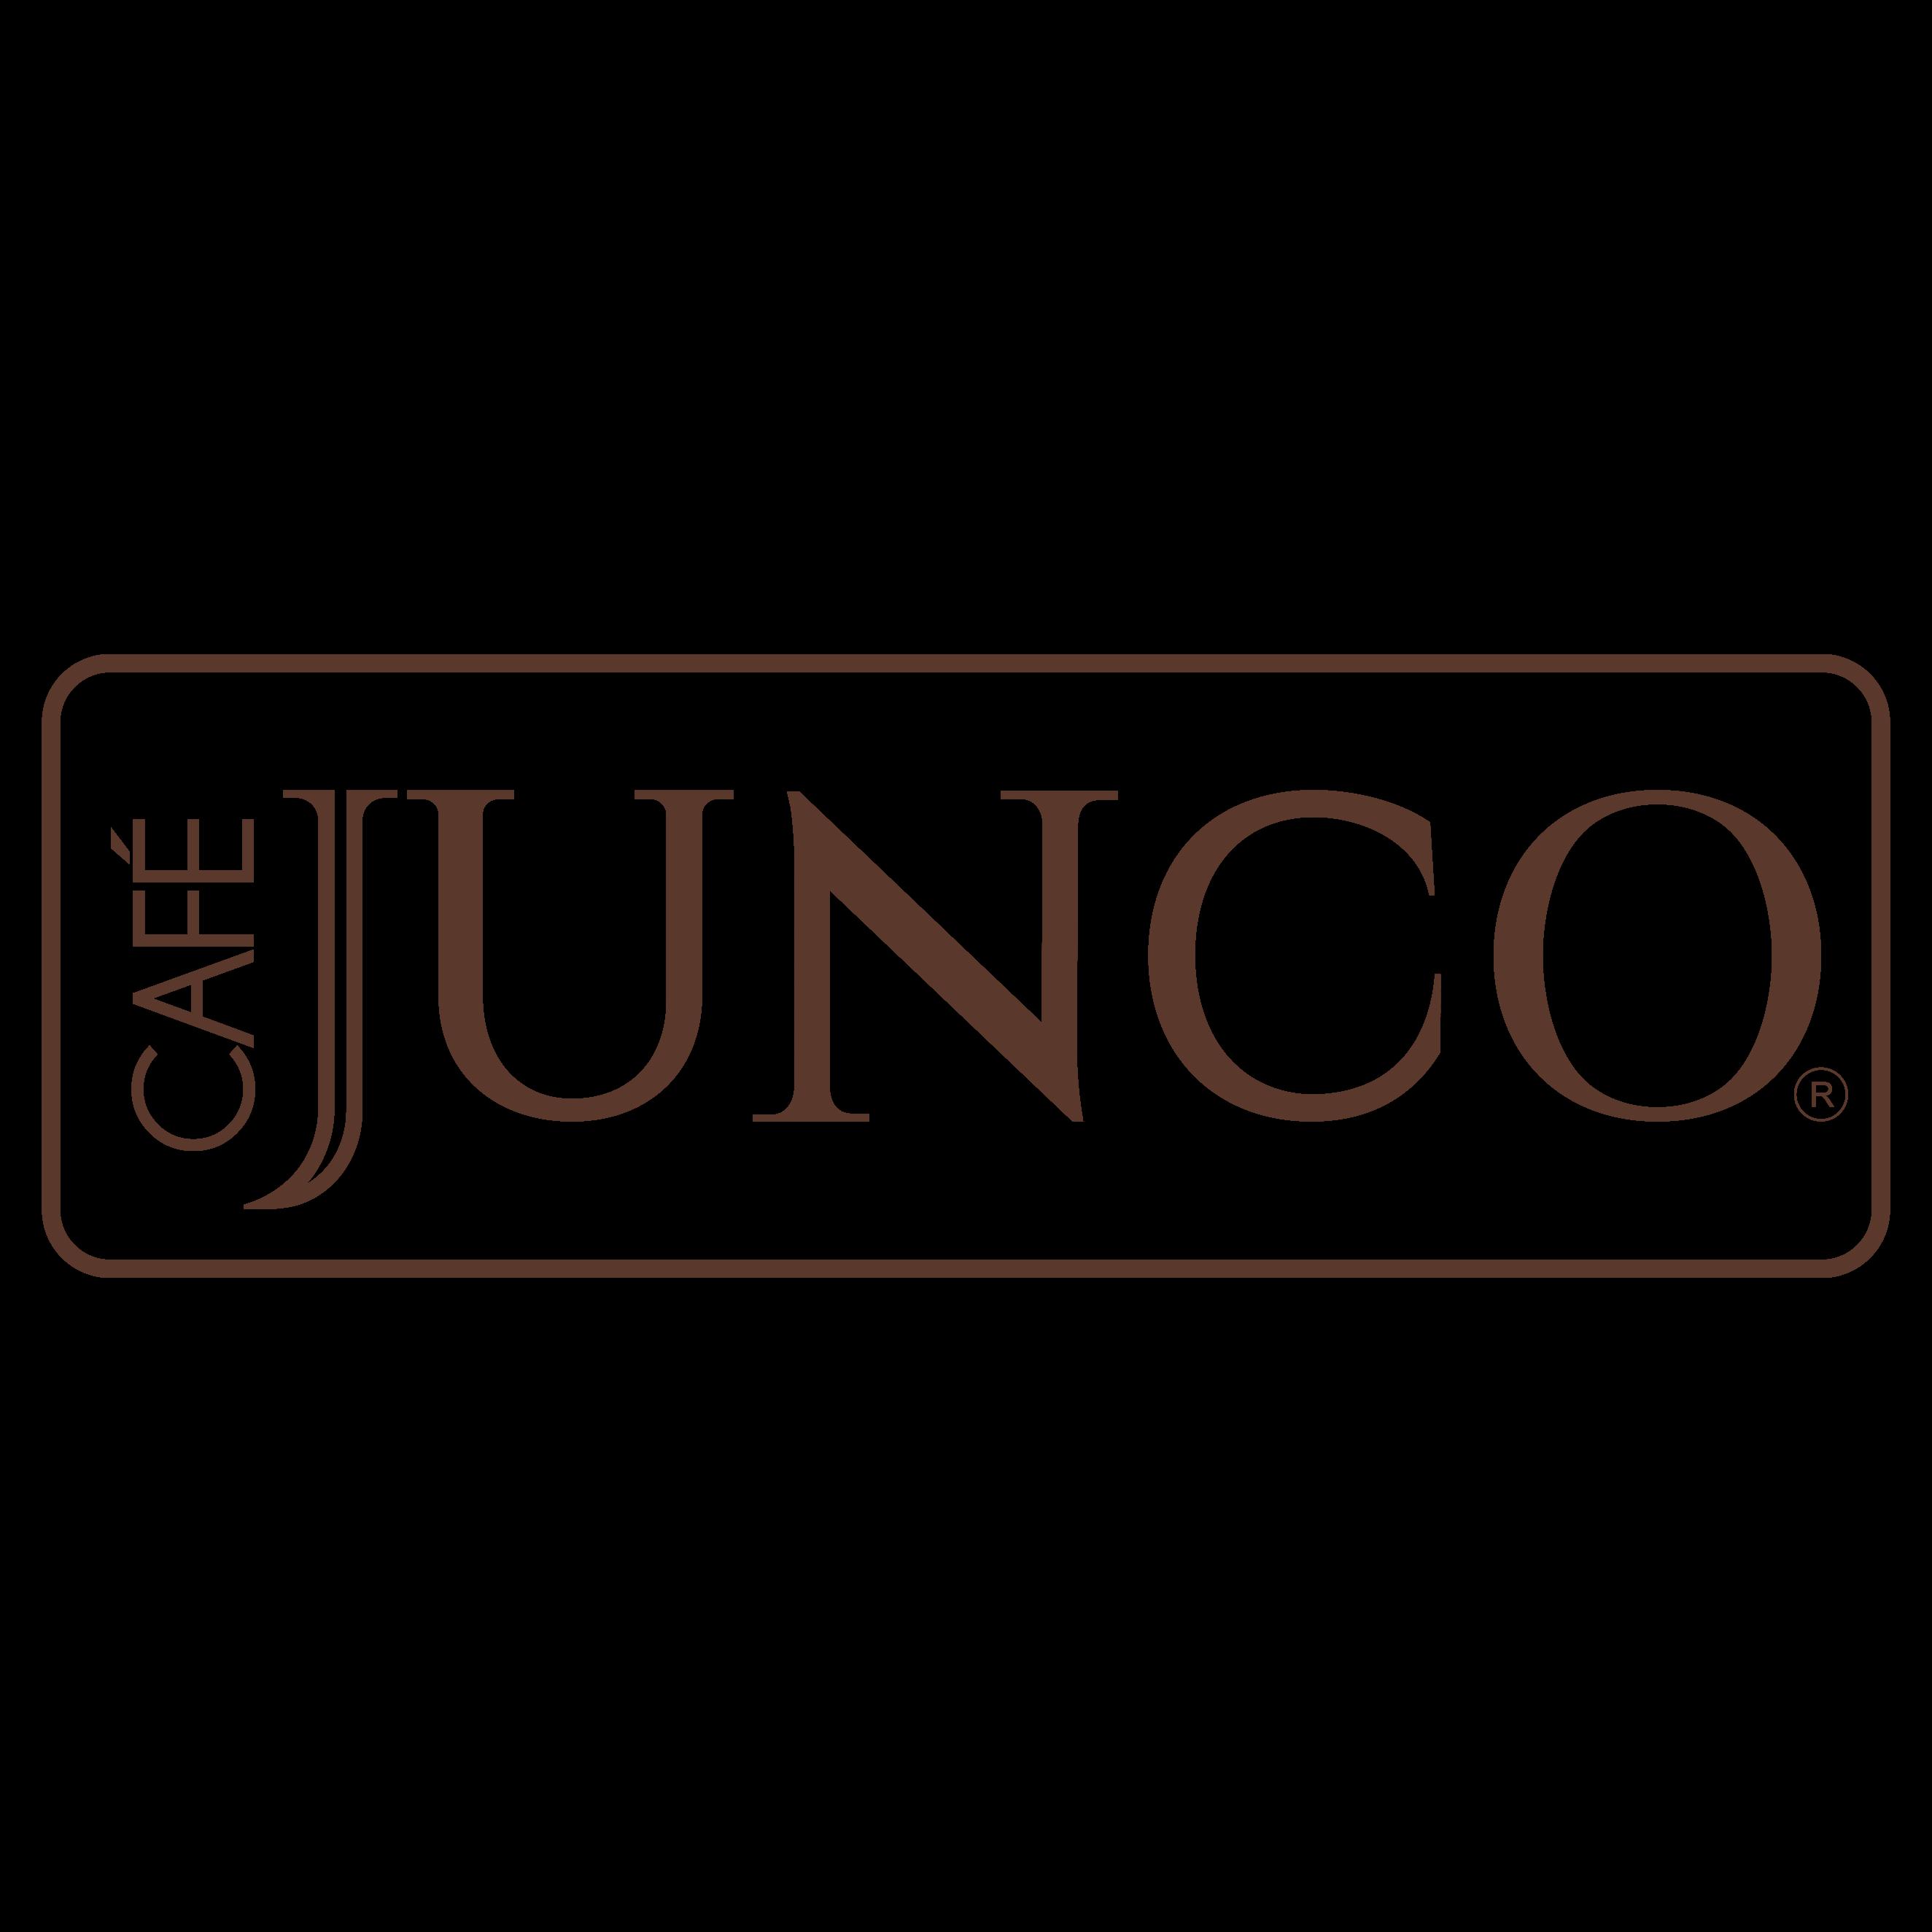 https://0201.nccdn.net/1_2/000/000/0ab/ecd/Junco-01-2649x2649.png